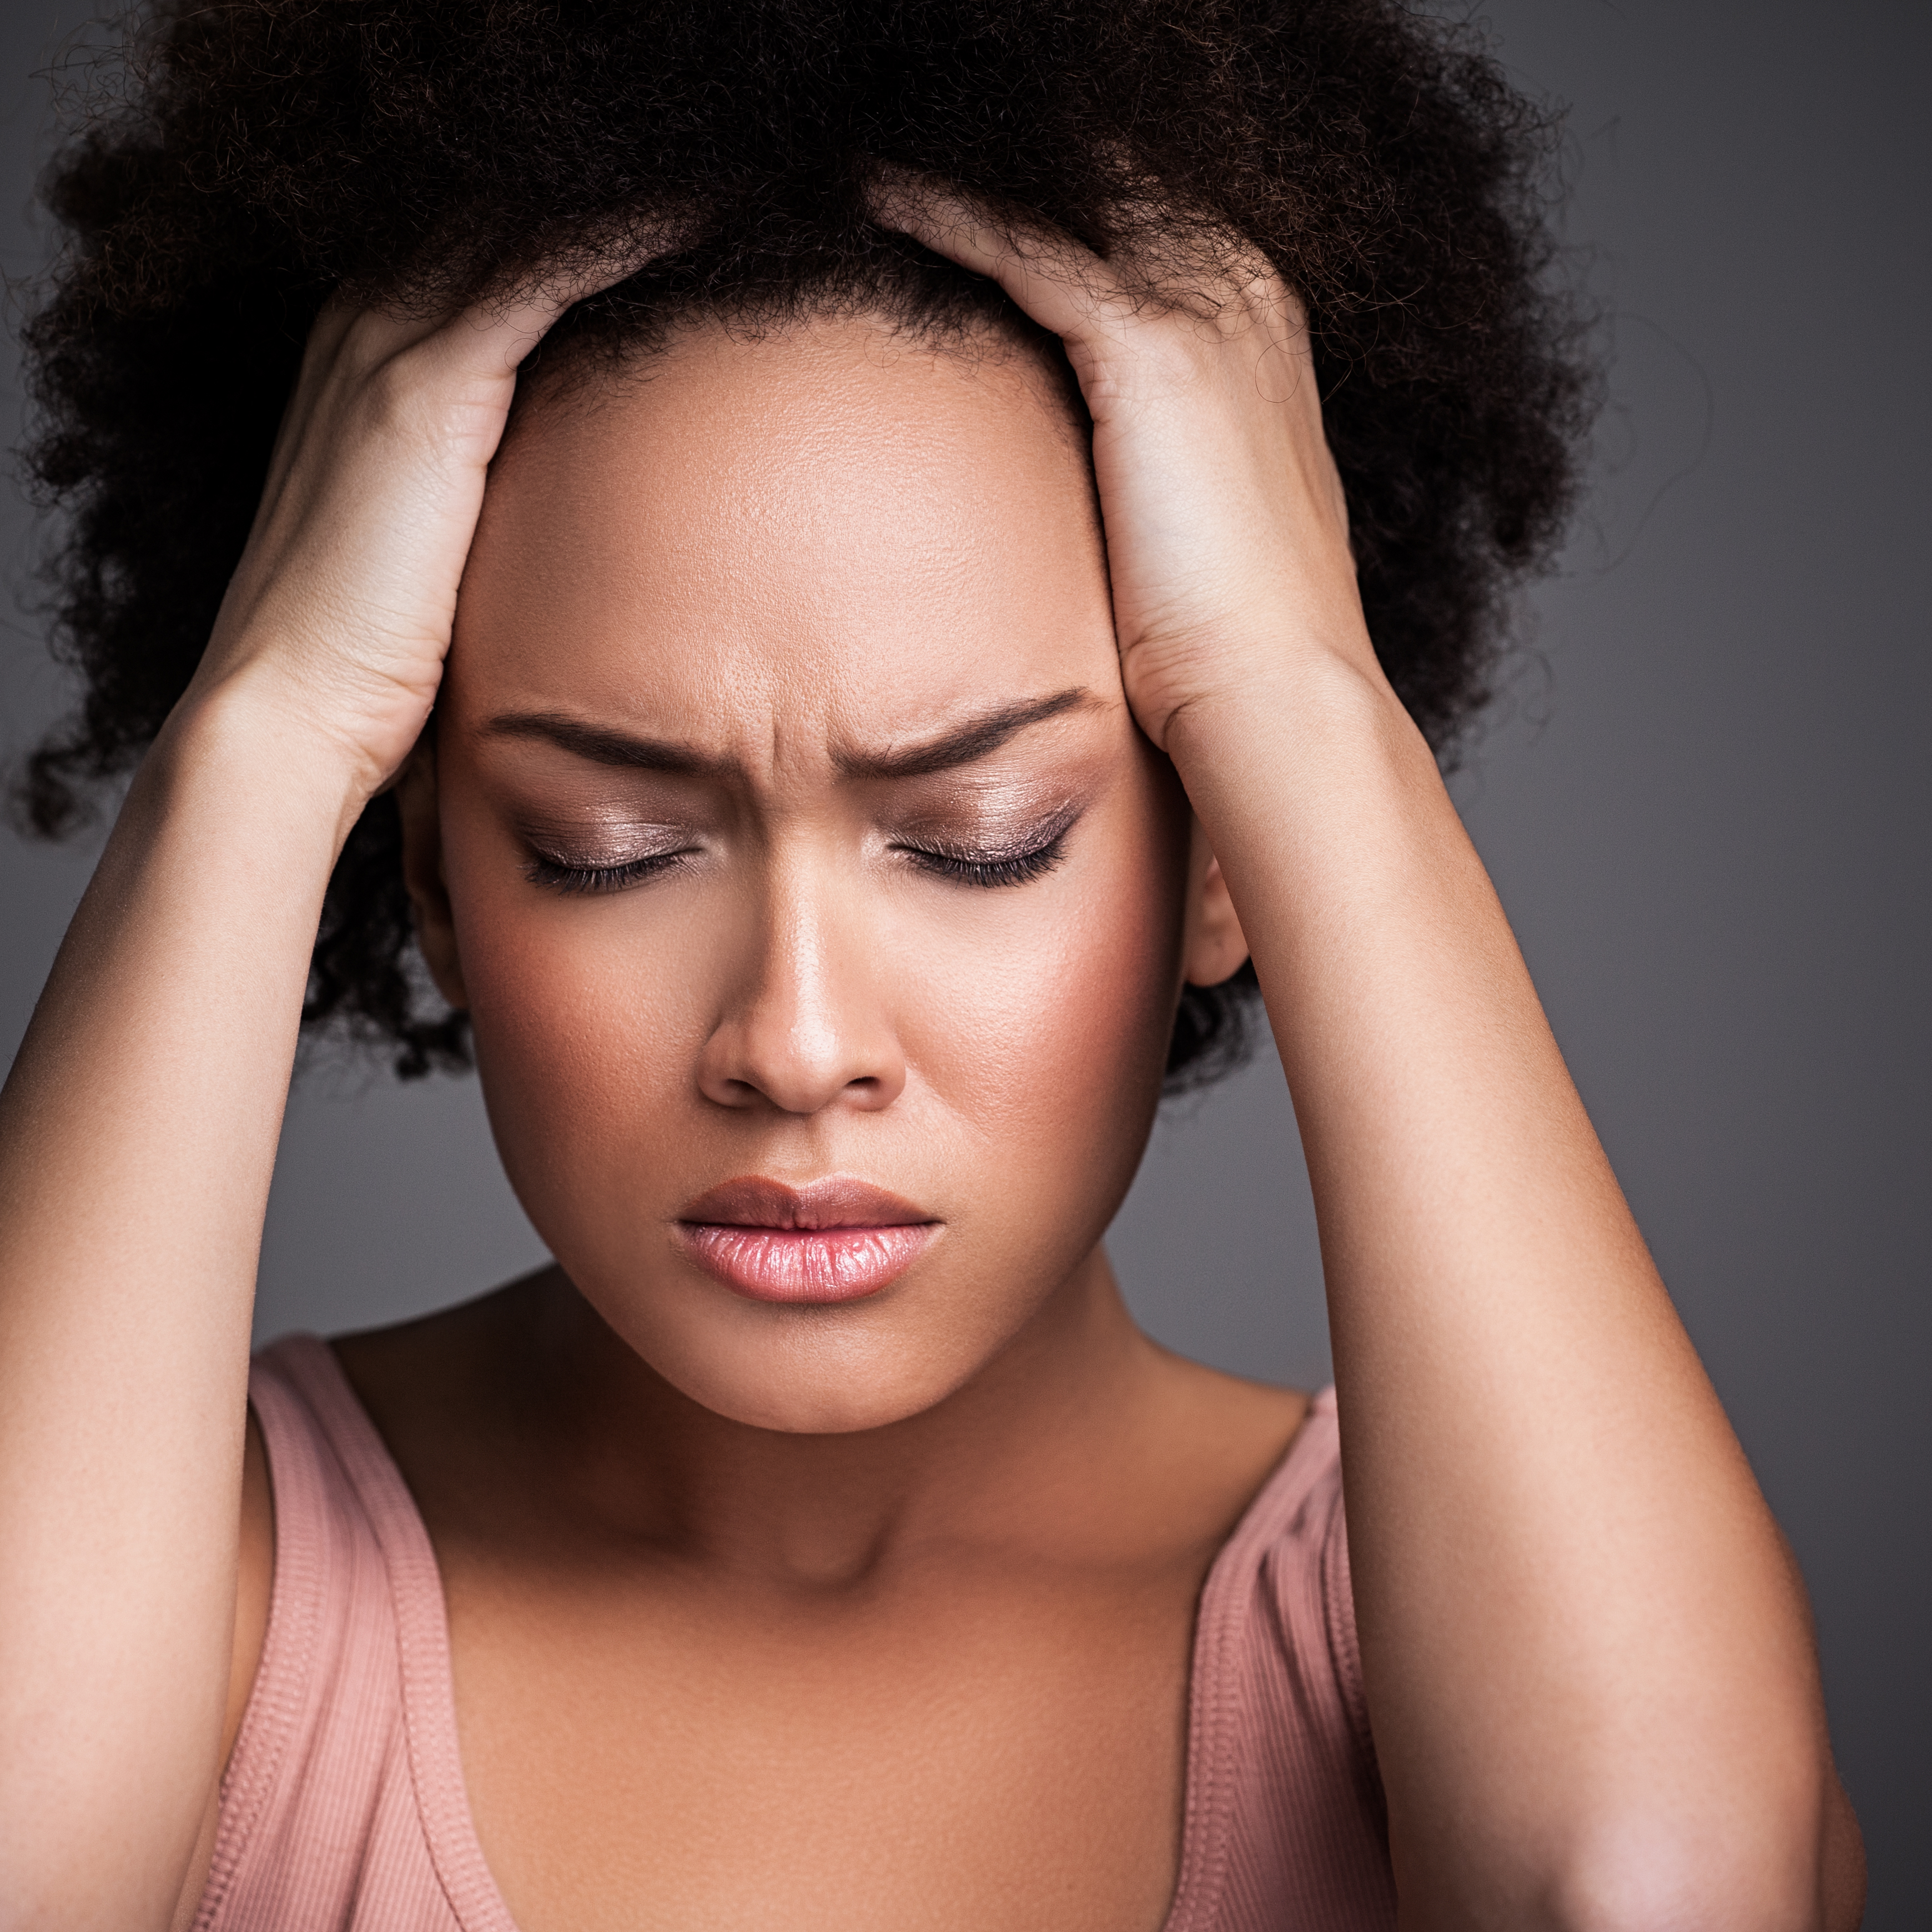 Депрессия беременной может вызвать агрессивность у малыша